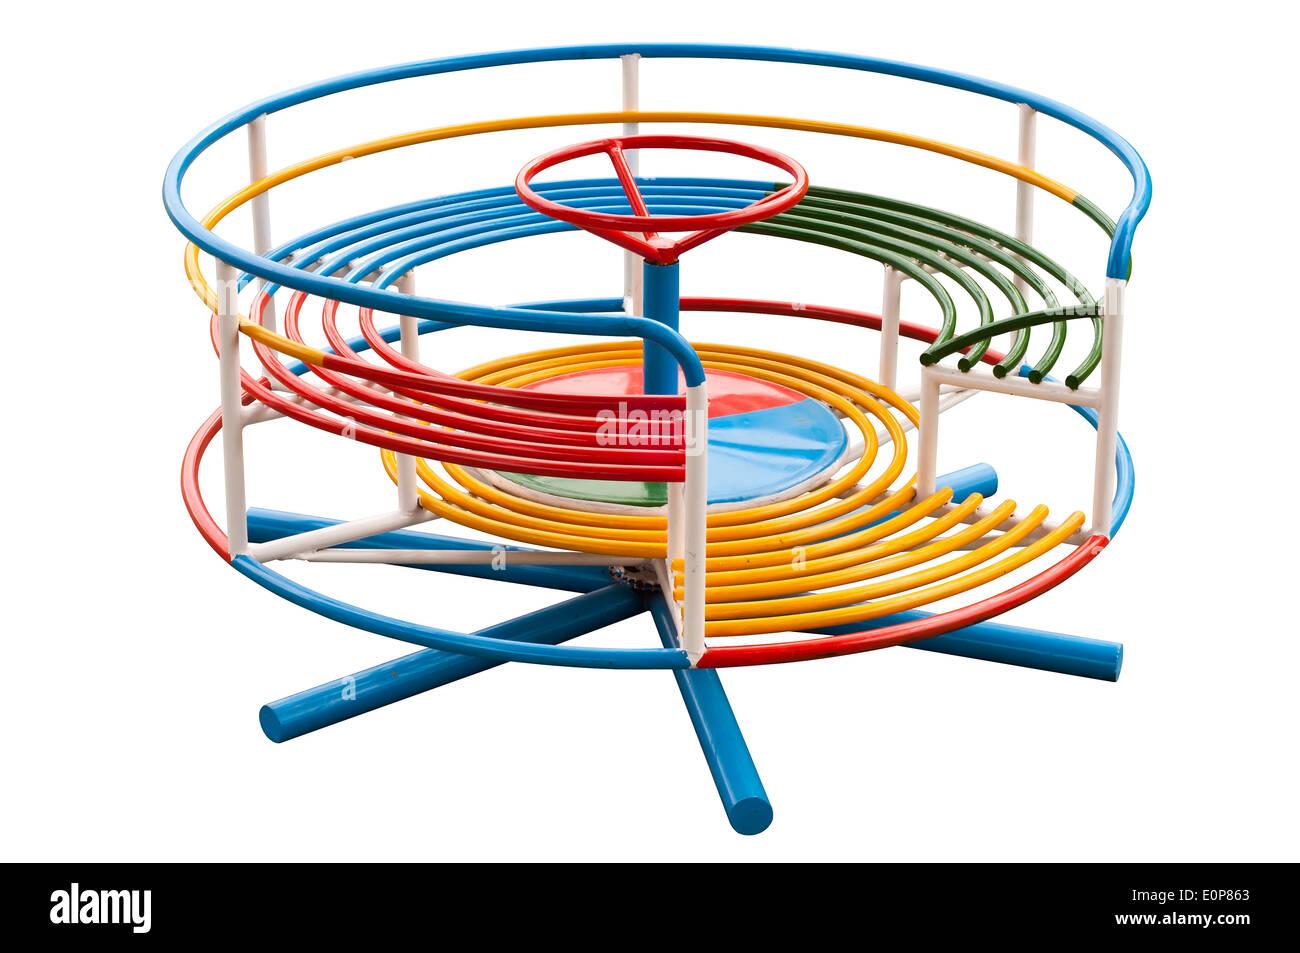 Merry-go-round isolés. Photo Stock